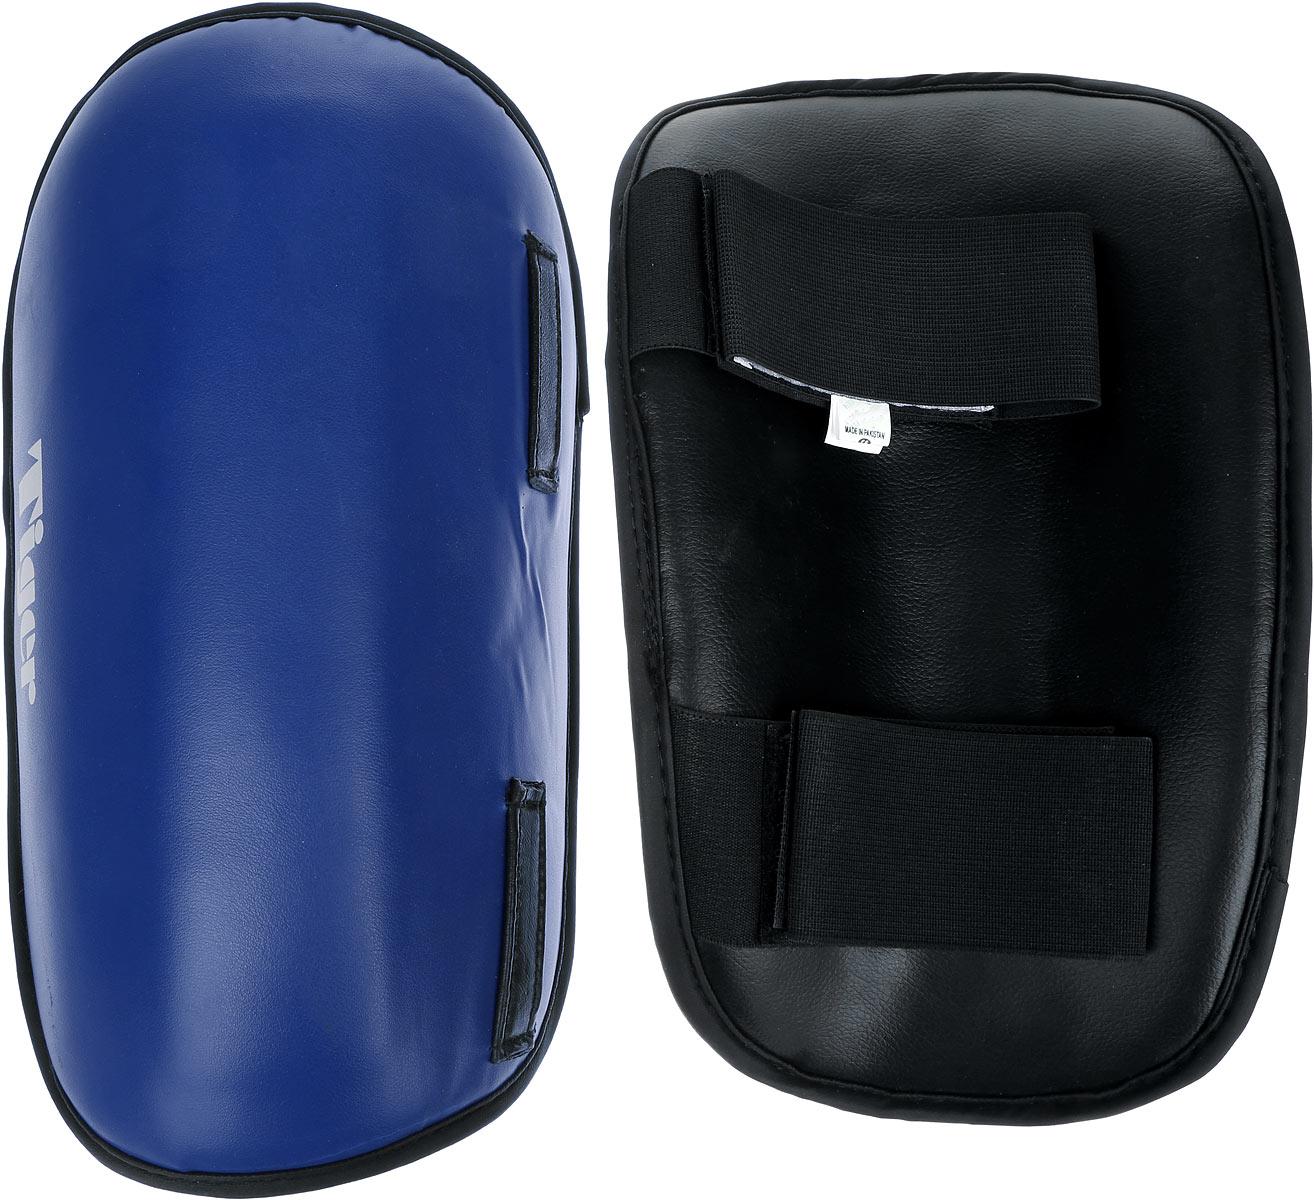 Защита голени Green Hill Tiger, цвет: синий, белый. Размер S. SPT-2123N.MS.34.023.LGЗащита голени Green Hill Tiger с наполнителем, выполненным из вспененного полимера, необходима при занятиях спортом для защиты суставов от вывихов, ушибов и прочих повреждений. Накладки выполнены из высококачественной натуральной кожи. Закрепляются на ноге при помощи эластичных лент и липучек.Длина голени: 29 см.Ширина голени: 17 см.